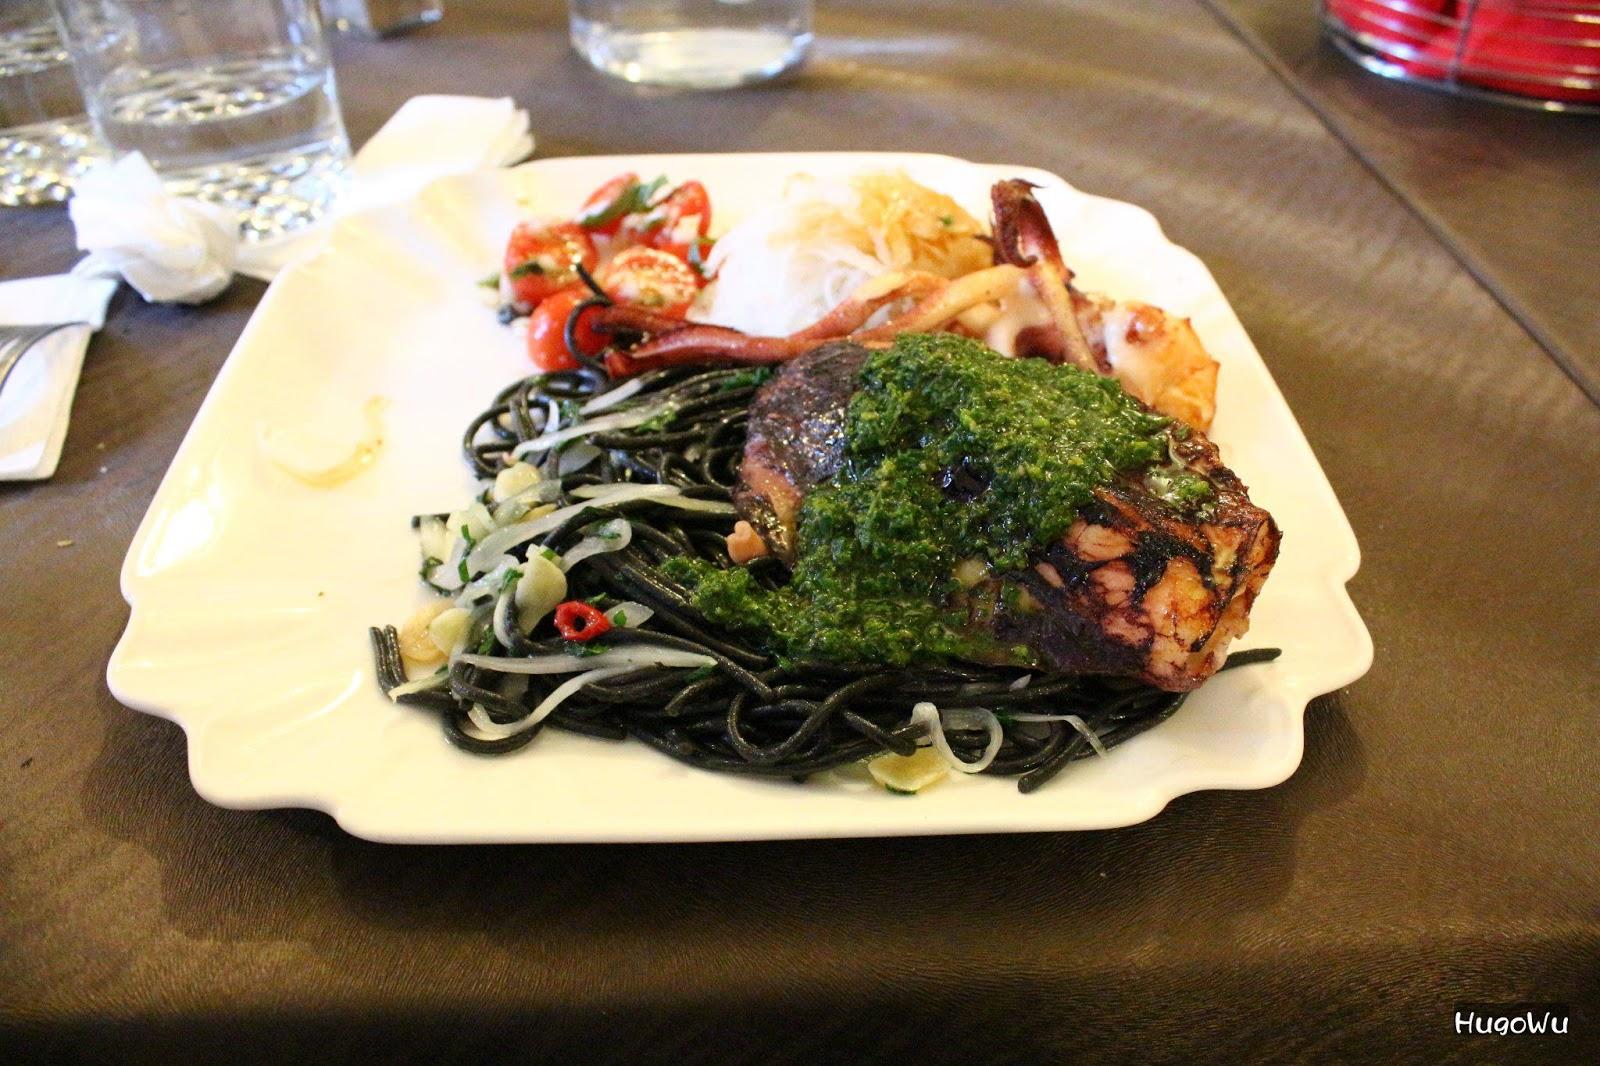 雨果看世界: 宜蘭阿水個性料理 宜蘭美食推薦